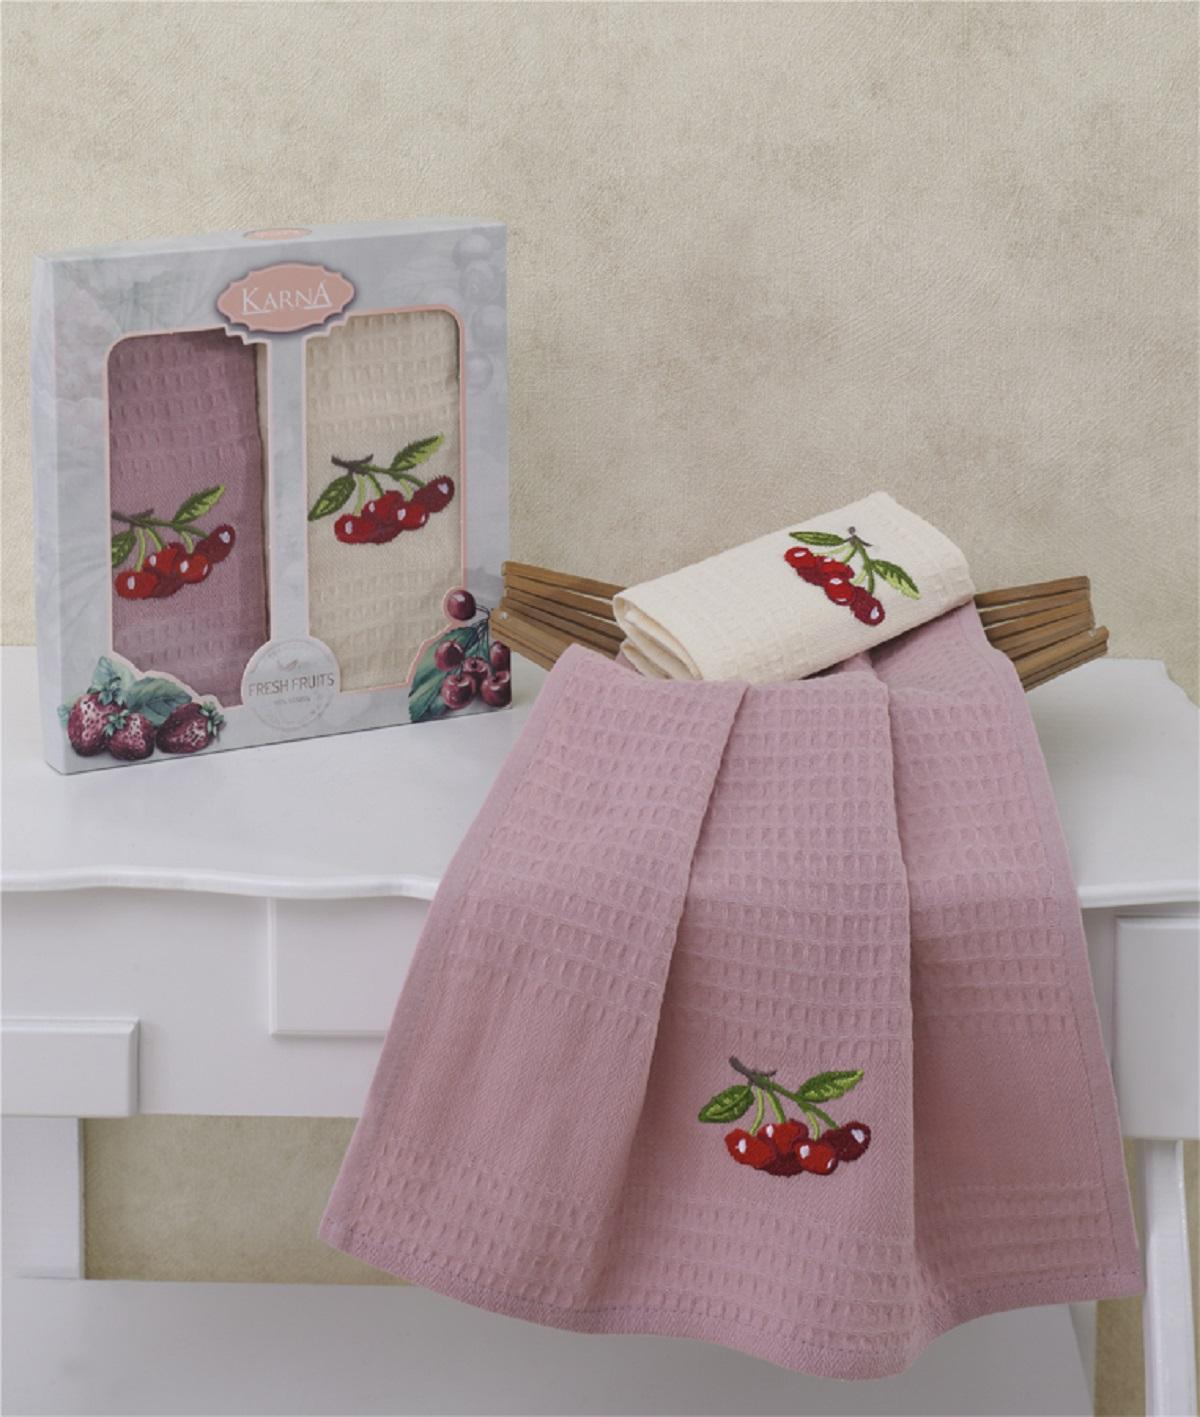 {} Karna Кухонное полотенце Stoma V1 (40х60 см - 2 шт) bon appetit кухонное полотенце cake цвет голубой 40х60 см 2 шт